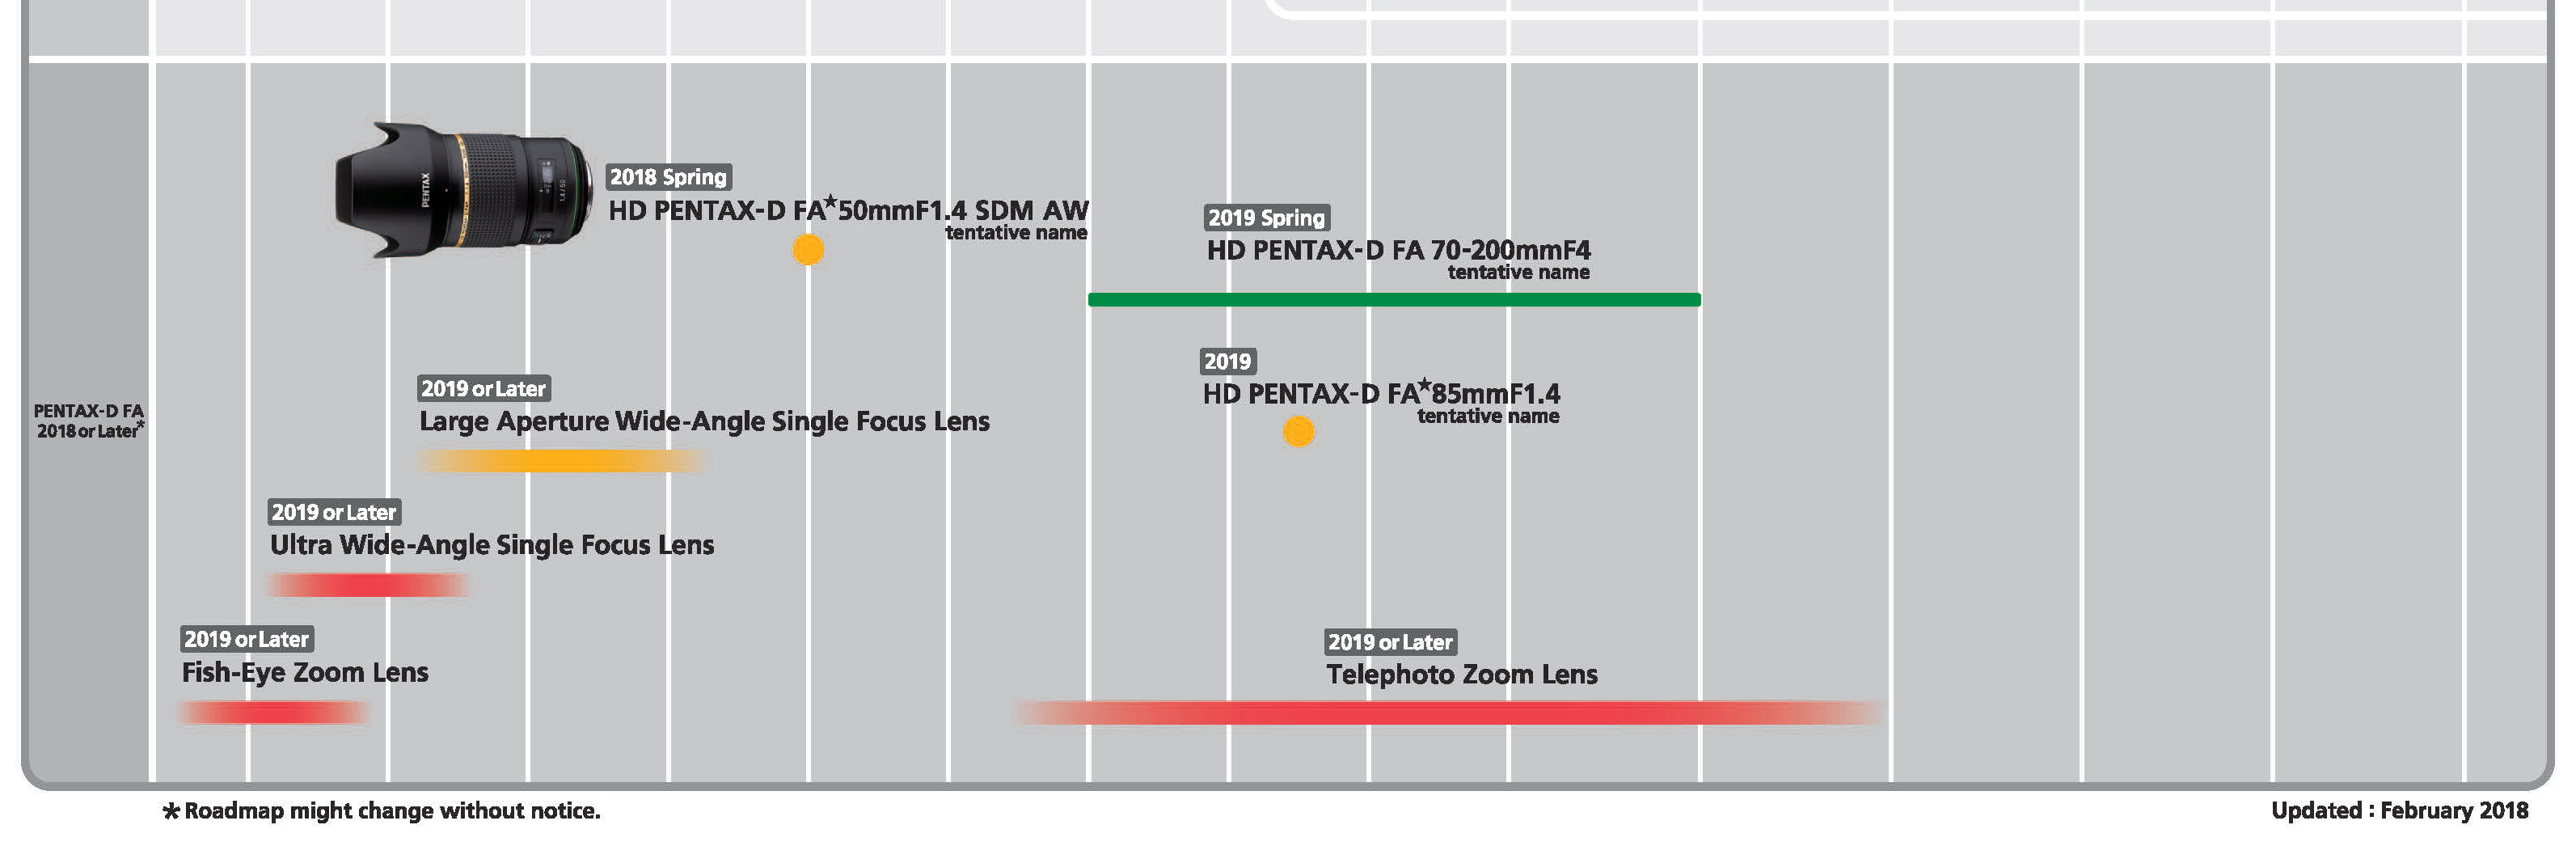 75adaf19473 objektiivid-pentax-roadmap-2018-ff - Photopointi ajaveebPhotopointi ajaveeb